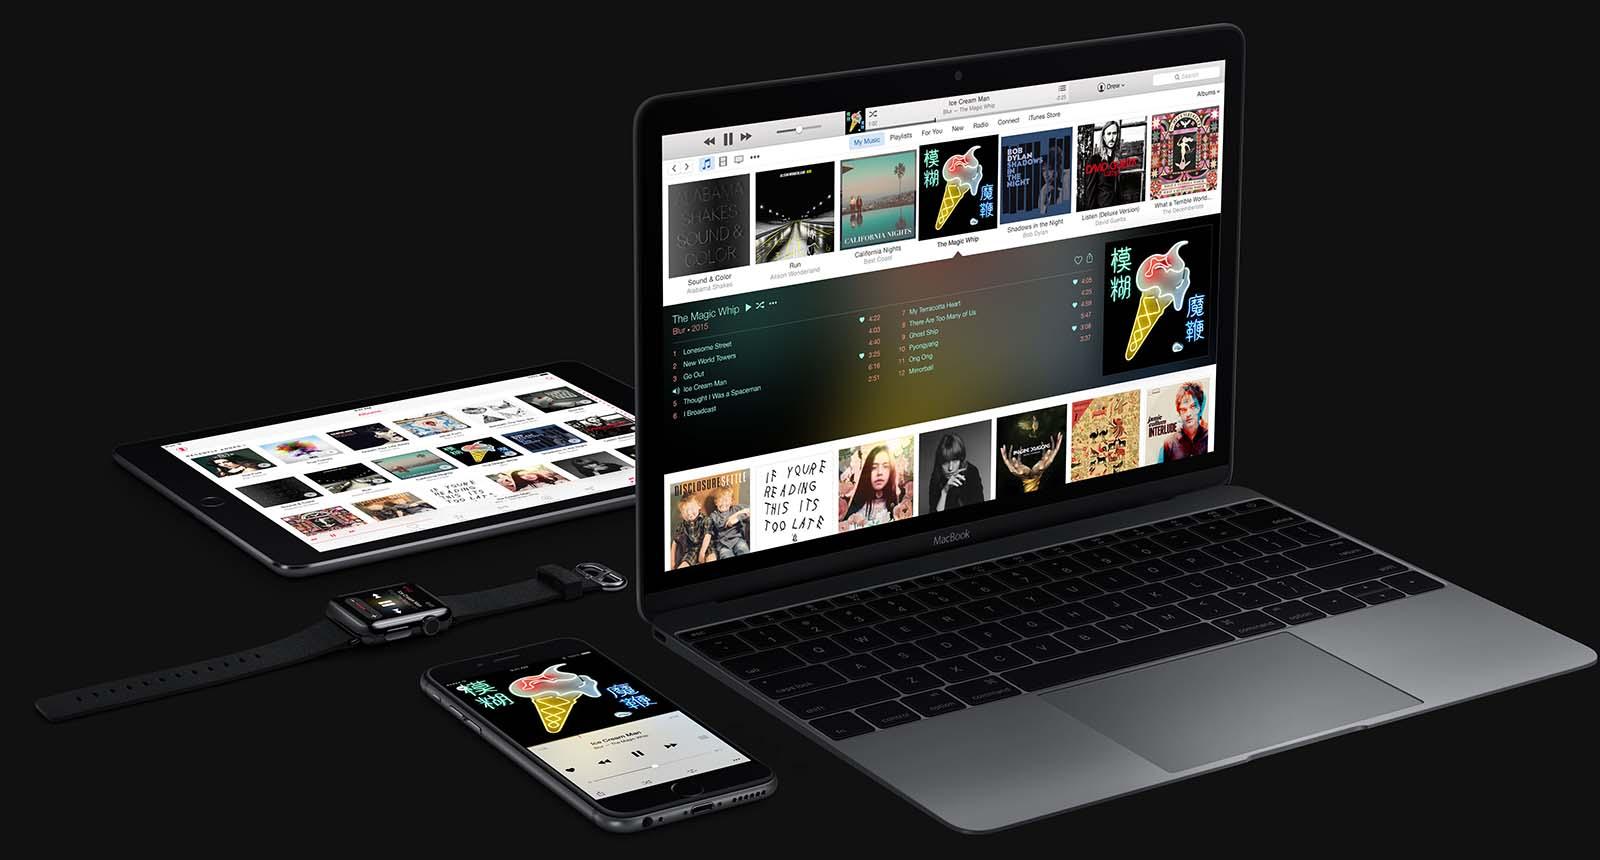 L'integrazione con l'ecosistema Apple è, chiaramente, eccellente